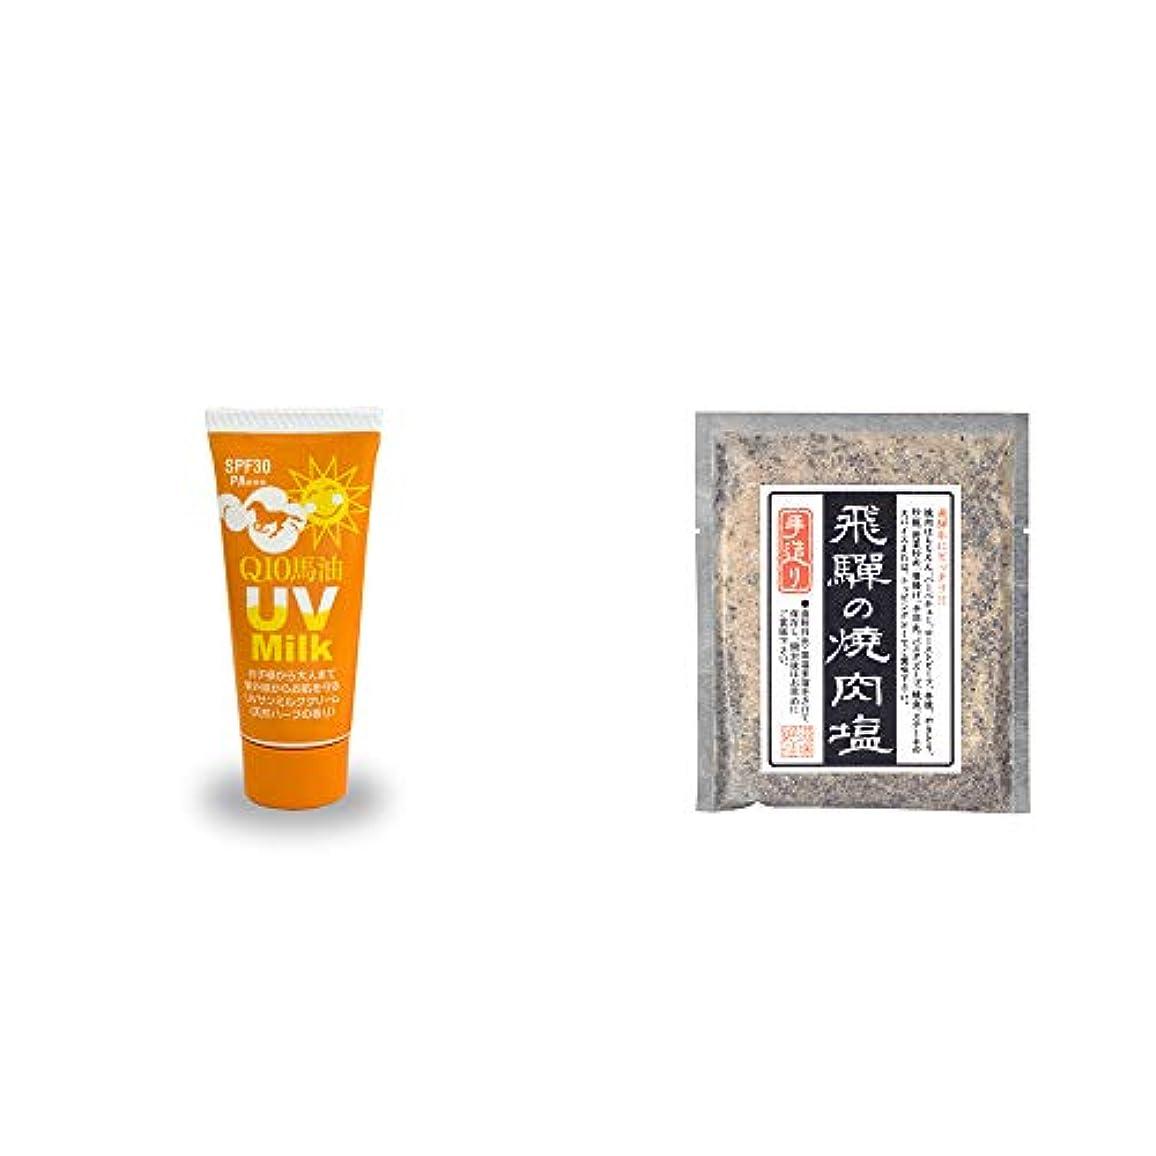 エリート検体ラグ[2点セット] 炭黒泉 Q10馬油 UVサンミルク[天然ハーブ](40g)?手造り 飛騨の焼肉塩(80g)